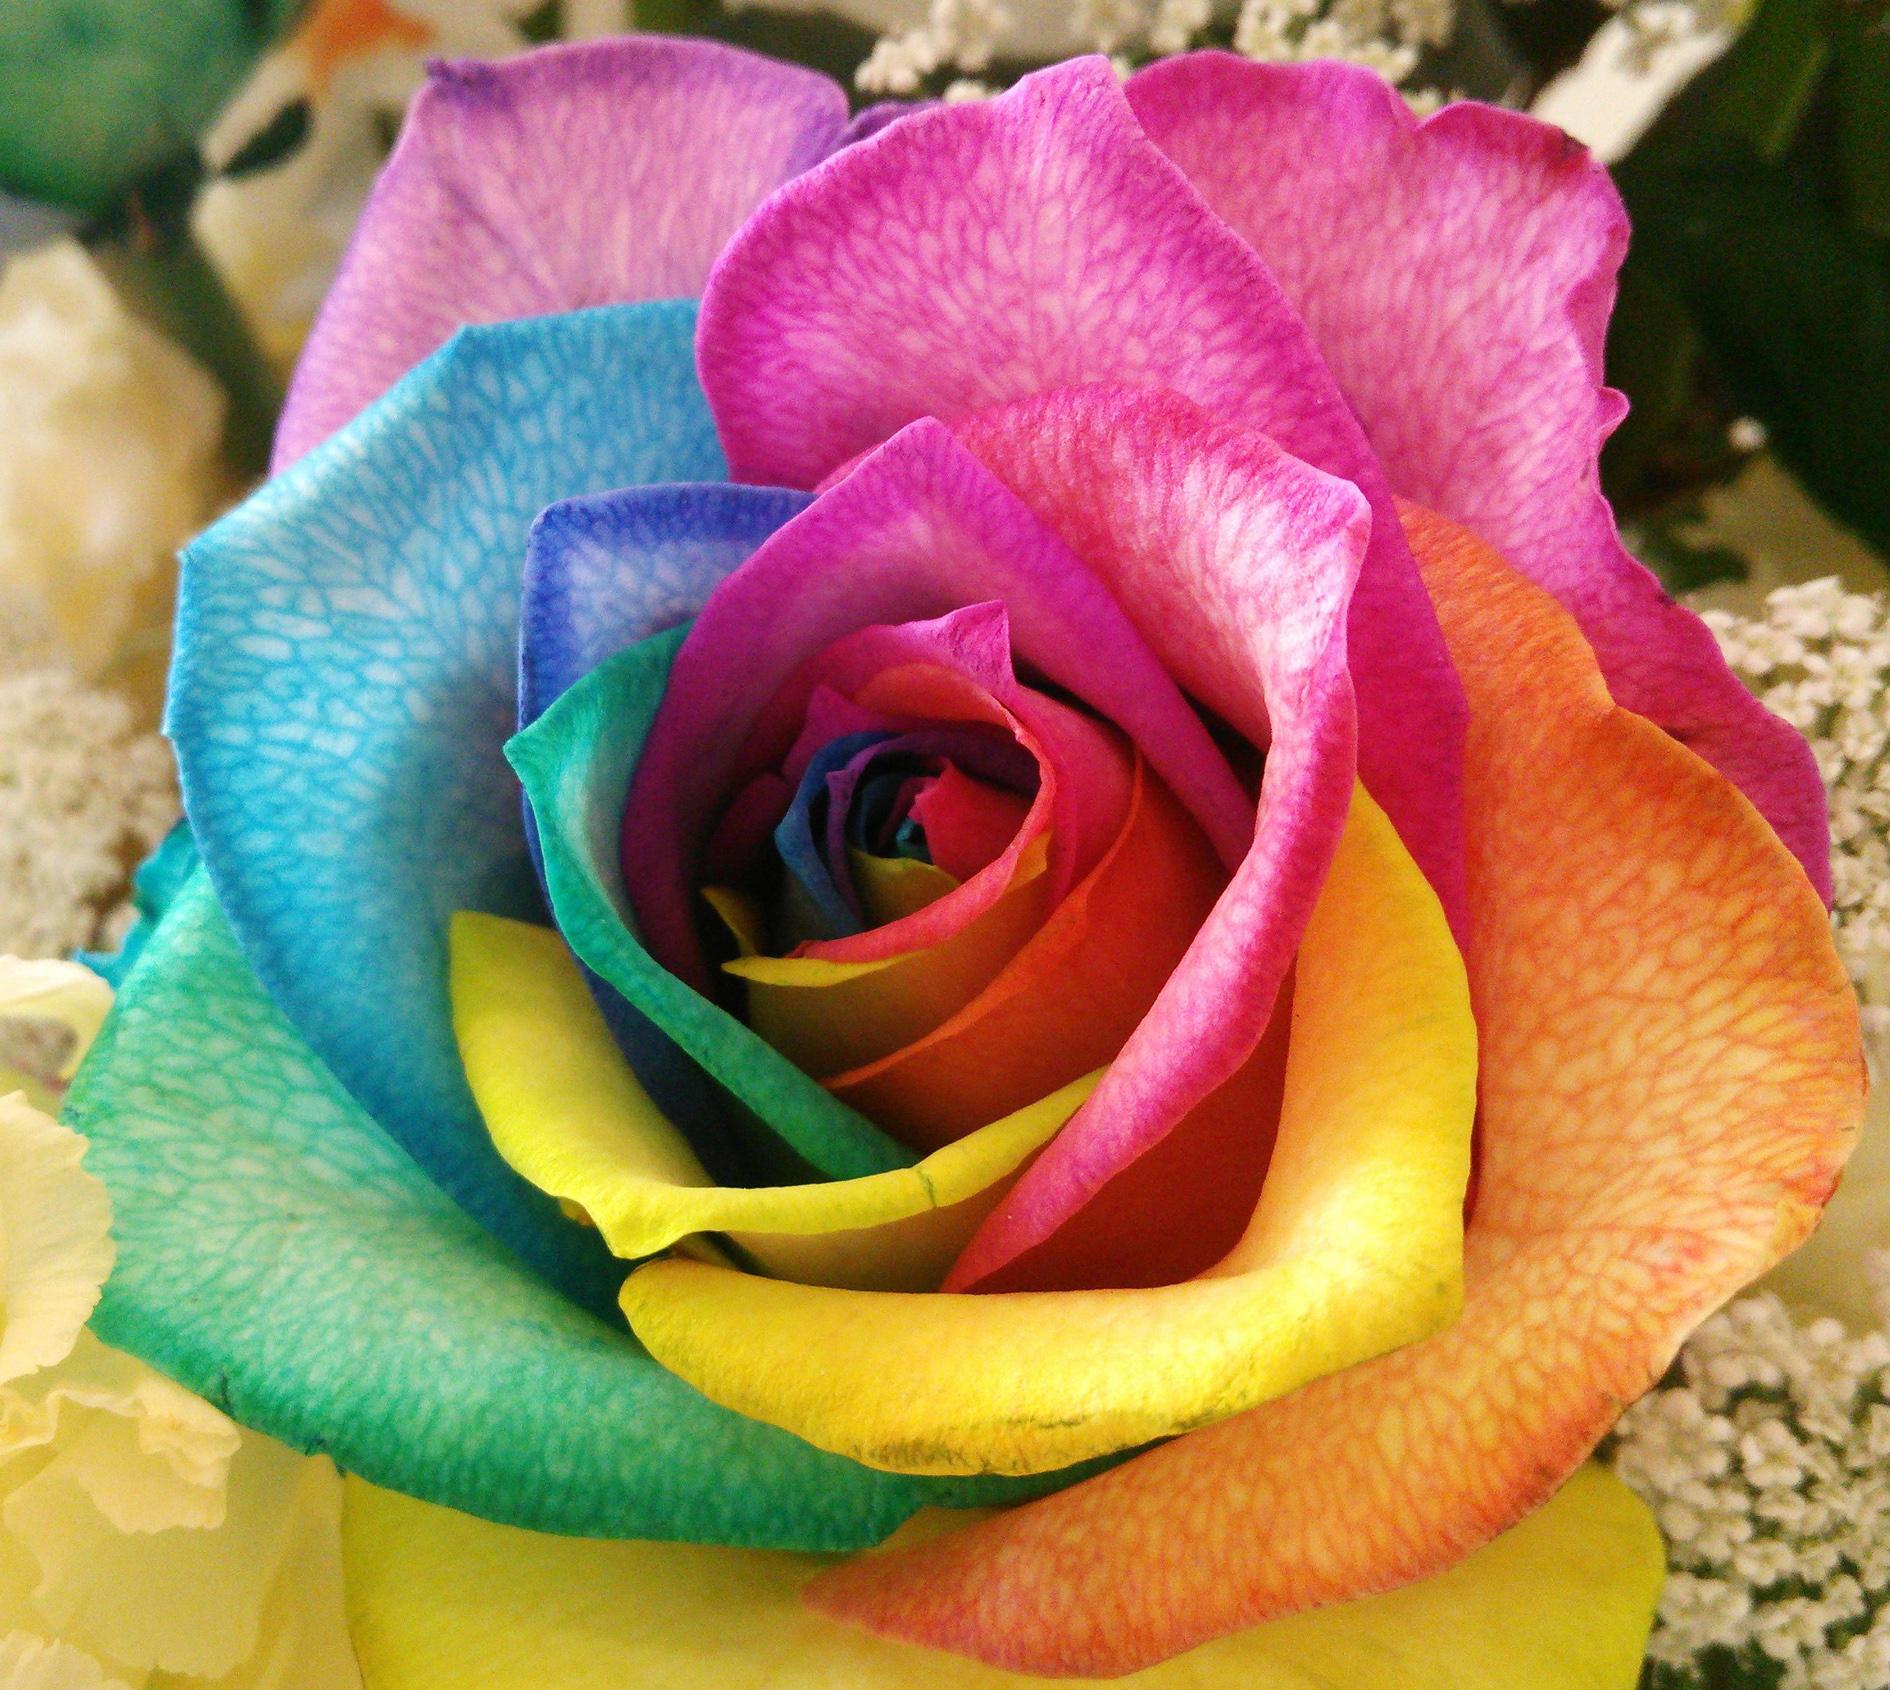 голограмму строго фотография цветная роза произошедшем своей личной